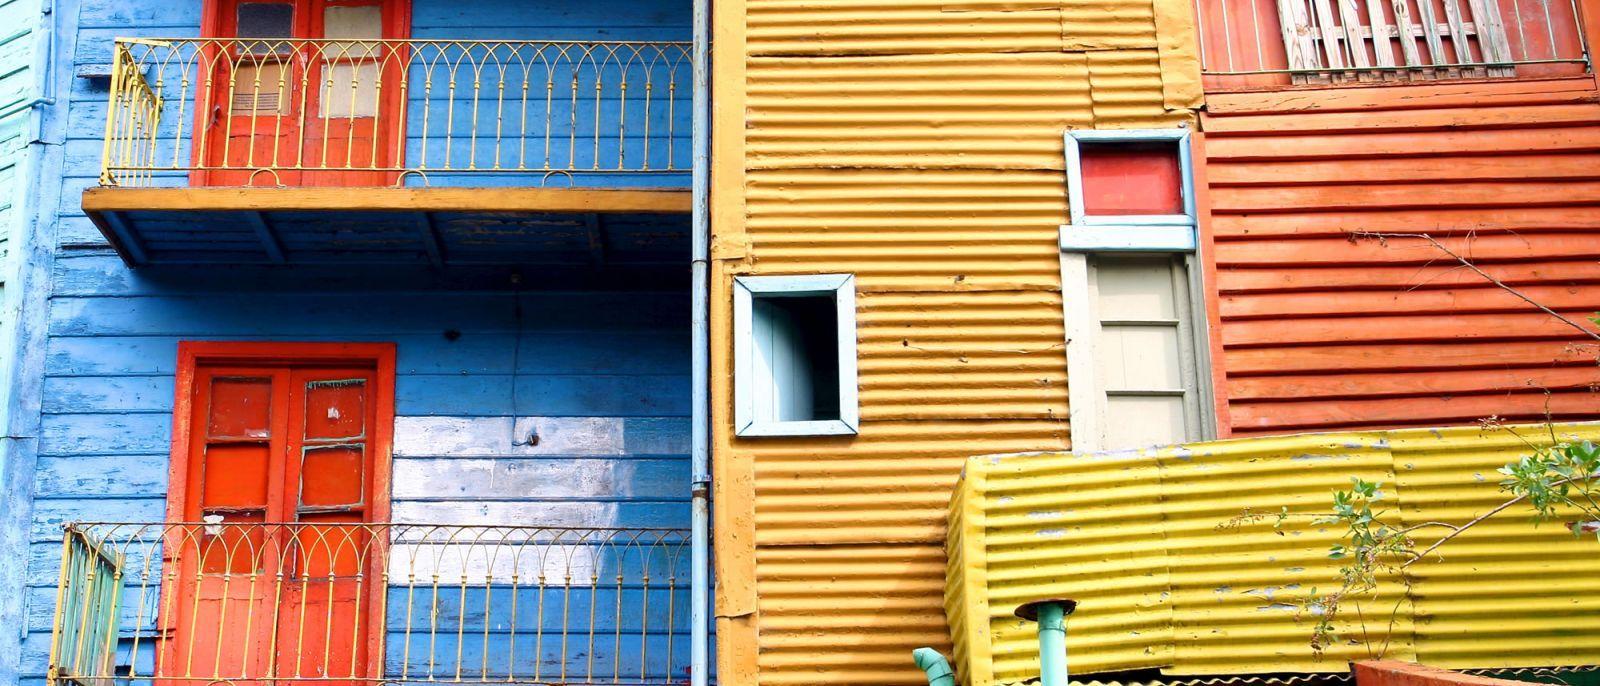 No pierdas la oportunidad de un paseo por la multifacética Buenos Aires. Desde el bullicioso centro, pasando por los tradicionales empedrados de San Telmo hasta llegar al colorido Caminito de La Boca. http://bit.ly/1skU82s